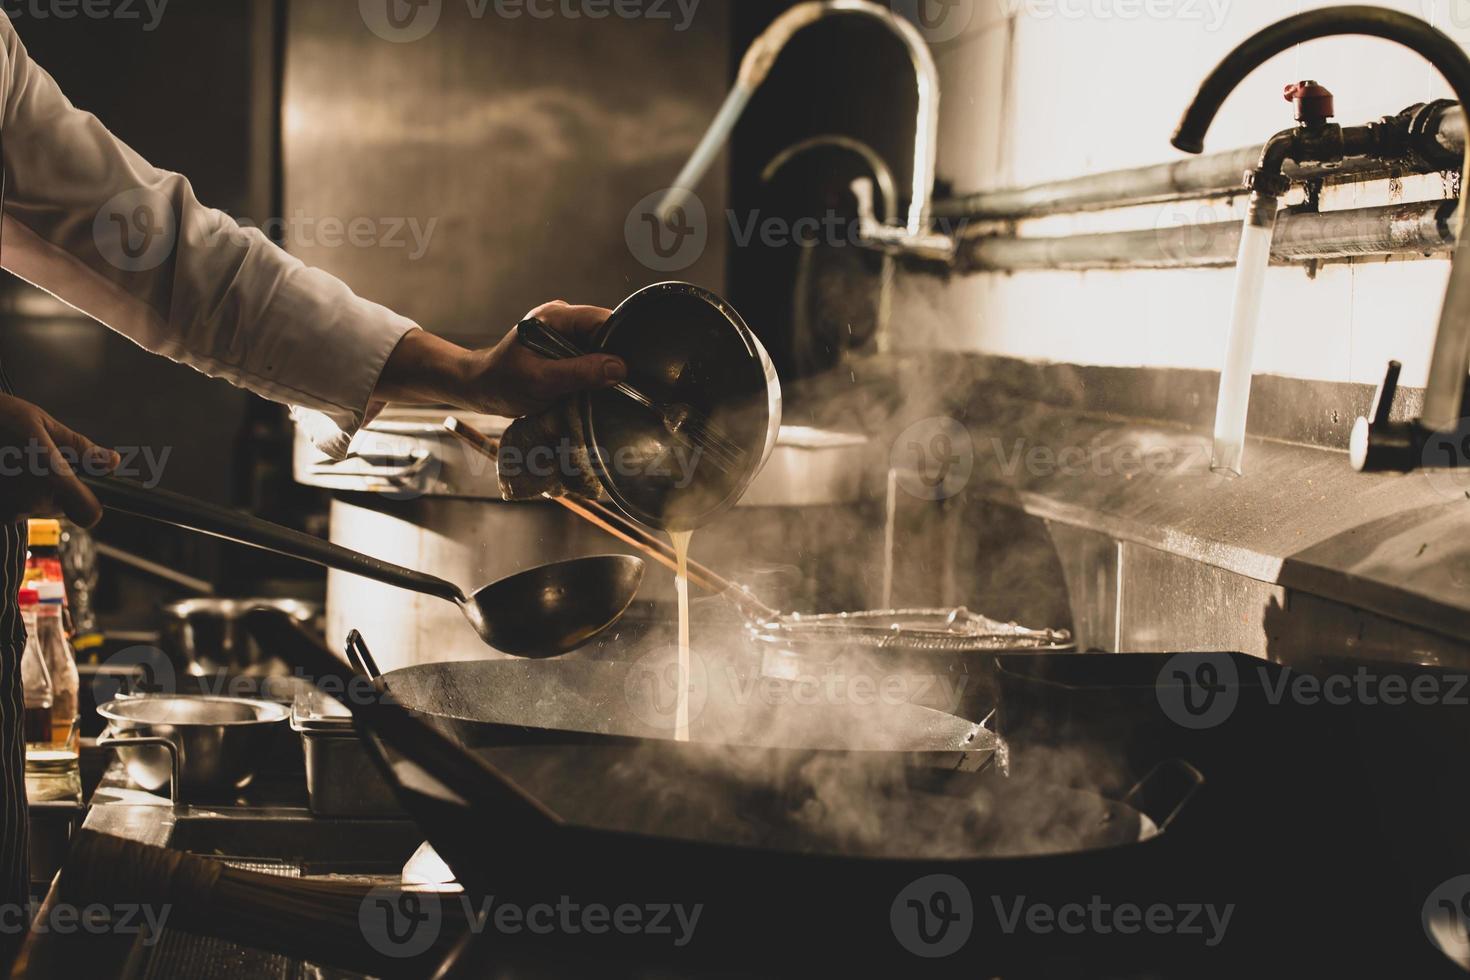 chef di cucina in cucina foto